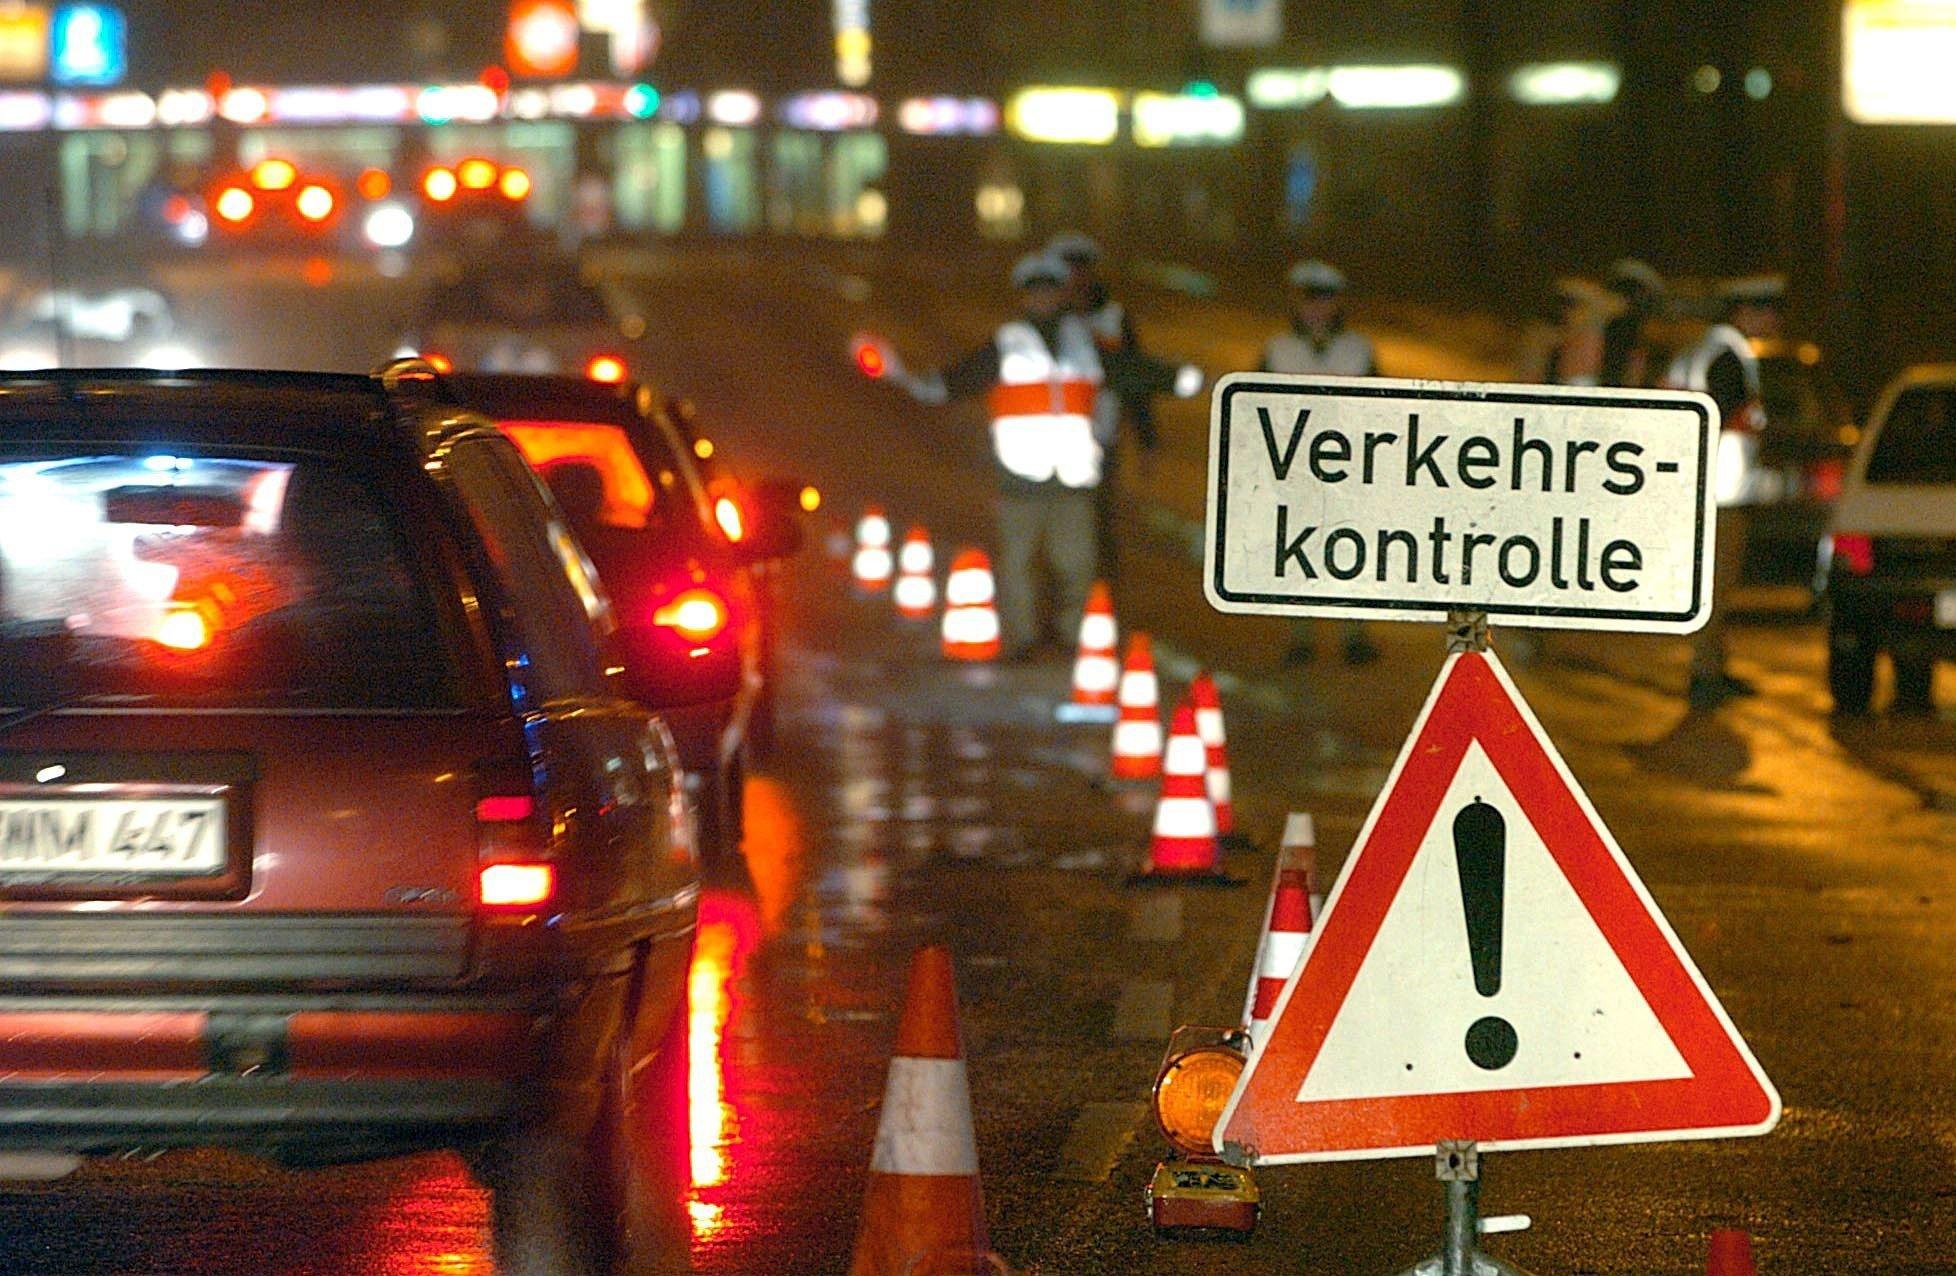 Verkehrskontrolle in Hamburg: Es ist derzeit sehr aufwendig, Autofahrer auf Alkohol zu kontrollieren. Jetzt haben Würzburger Forscher ein Lasersystem entwickelt, das im Vorbeifahren Alkohol in der Luft eines Fahrzeuges feststellen kann.